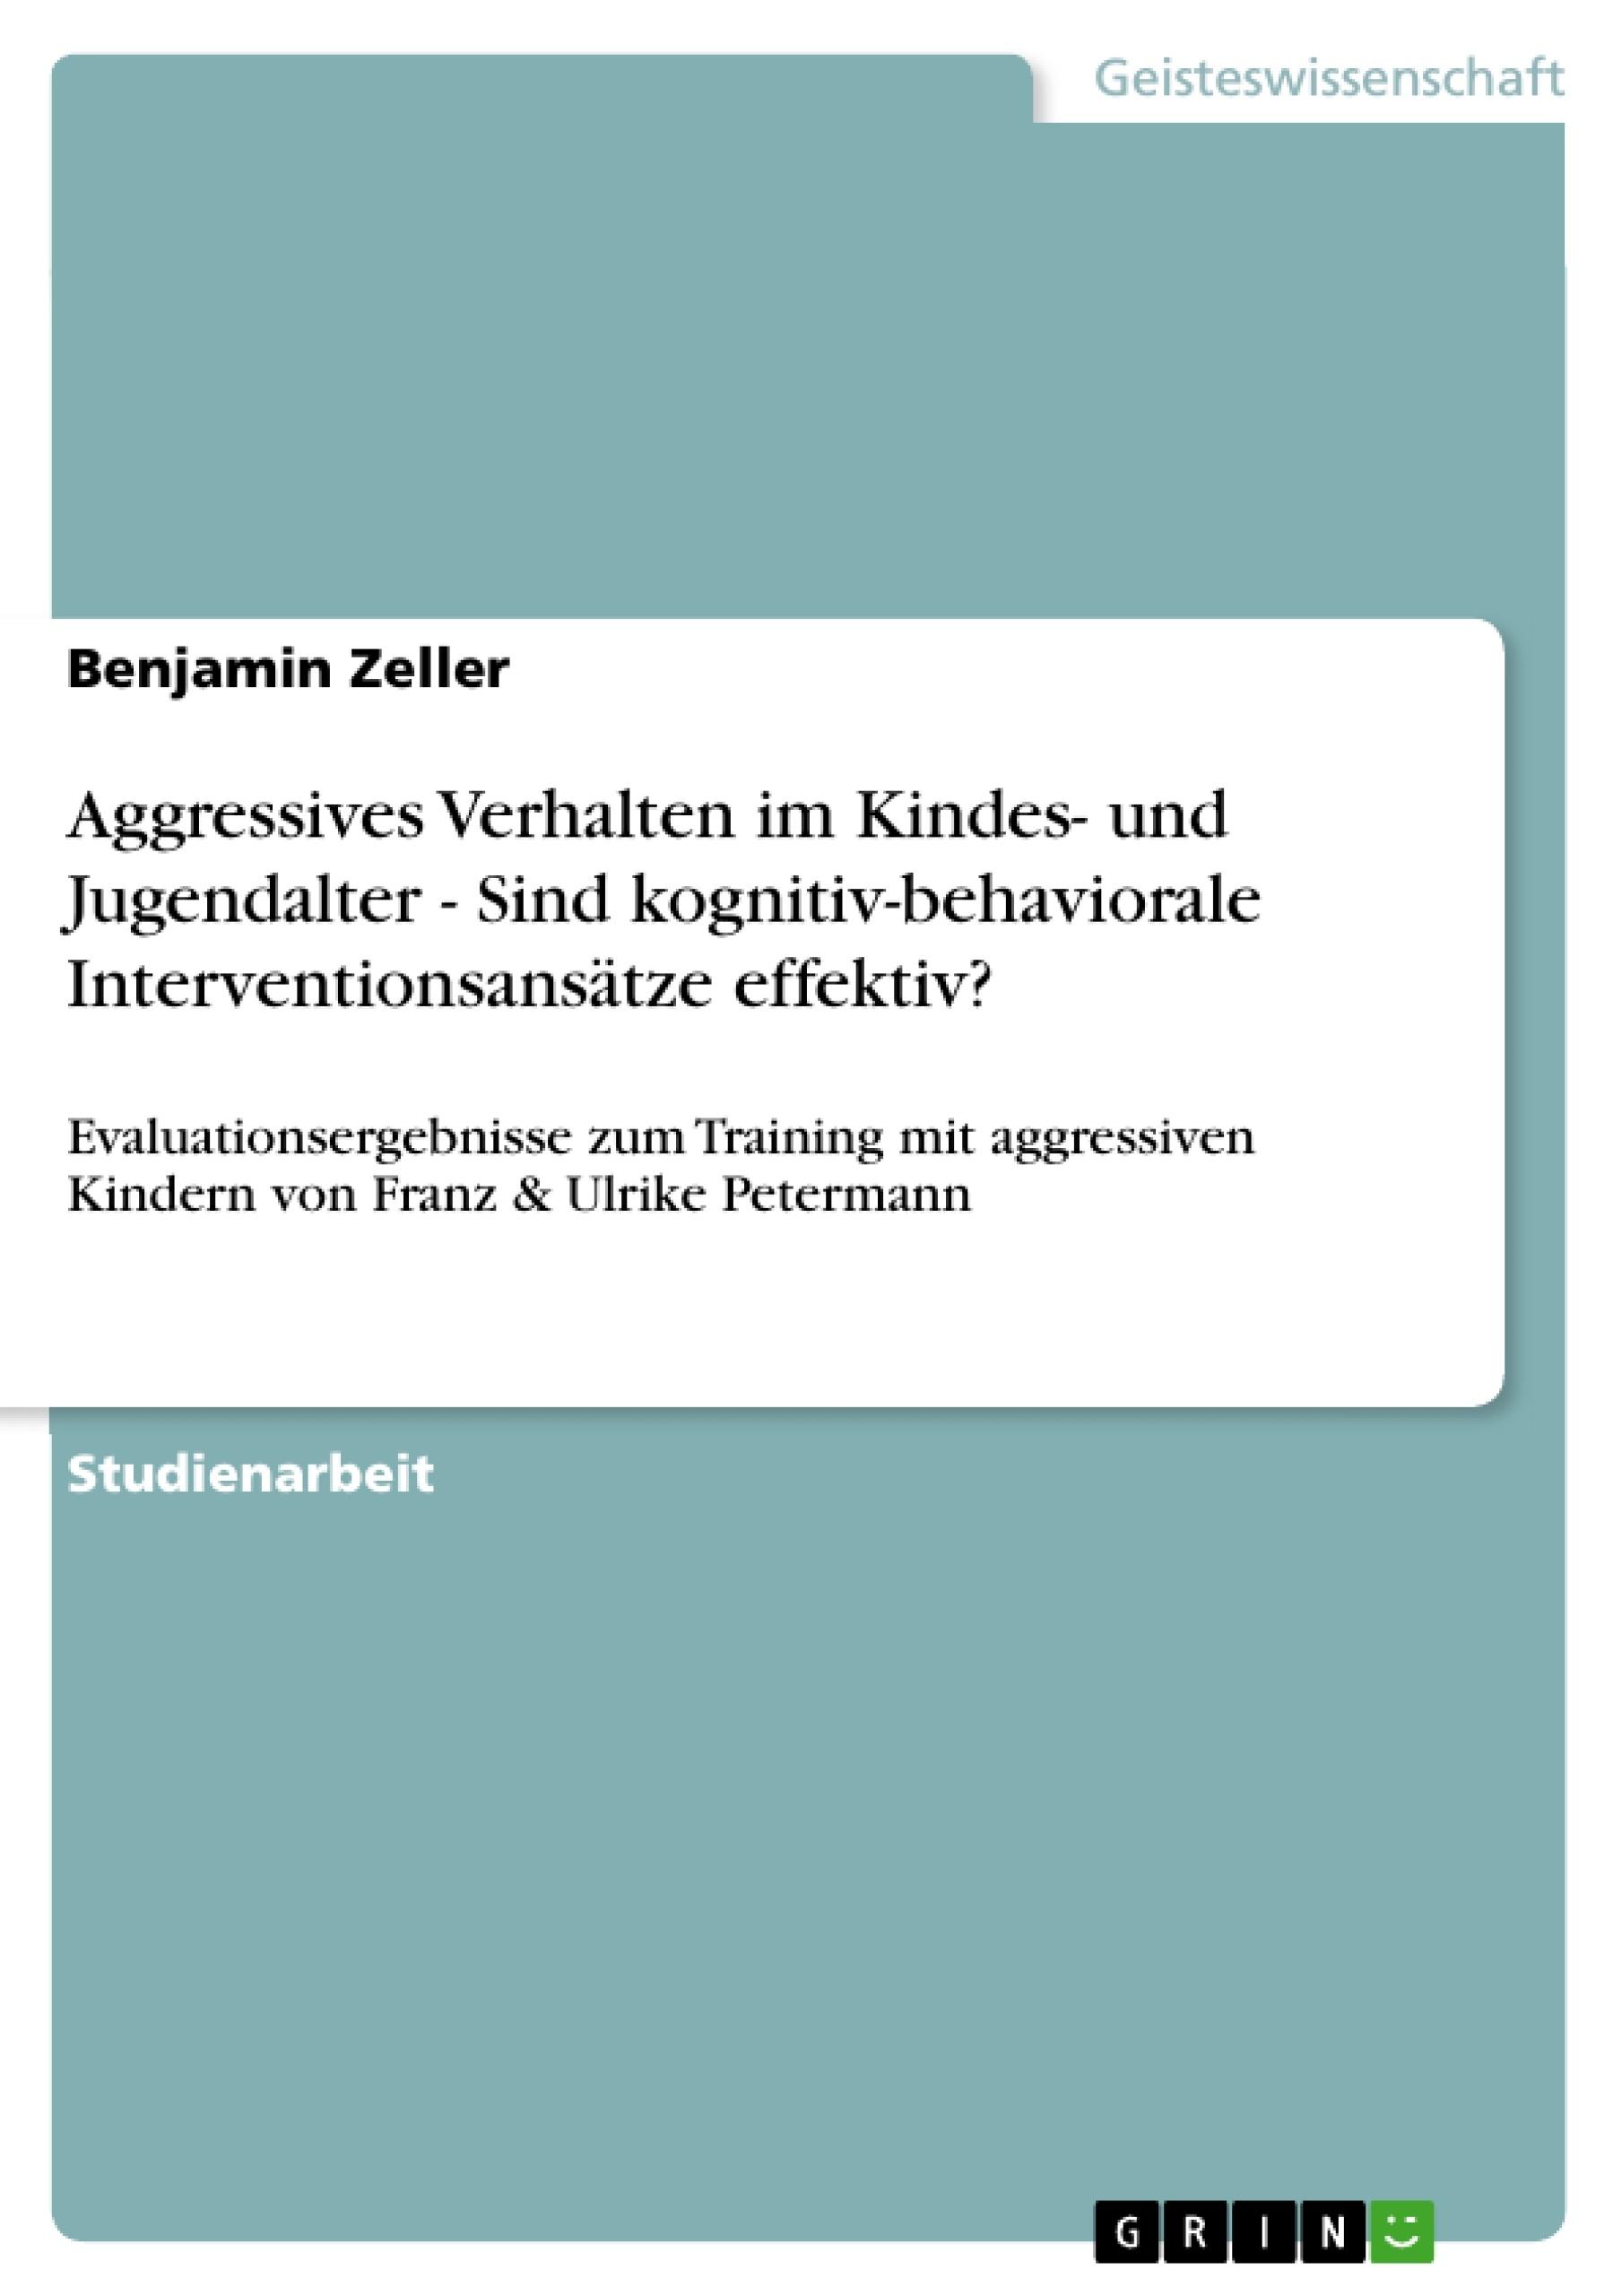 Titel: Aggressives Verhalten im Kindes- und Jugendalter - Sind kognitiv-behaviorale Interventionsansätze effektiv?